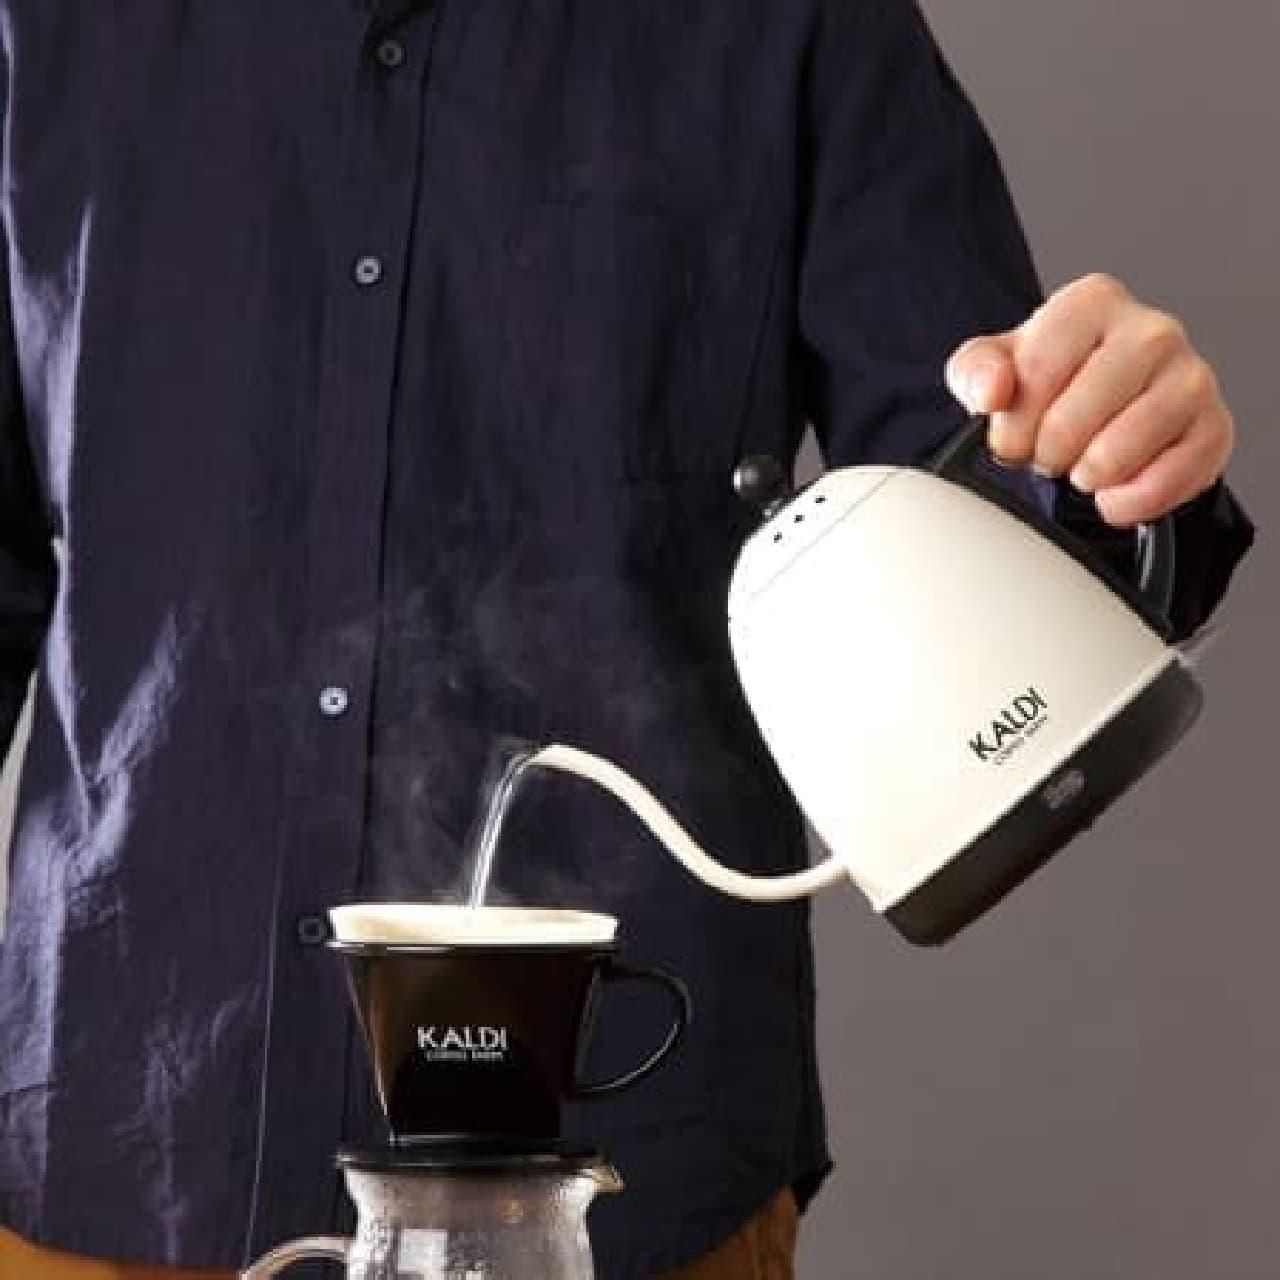 カルディコーヒーファーム「オリジナル 電気コーヒーポット」